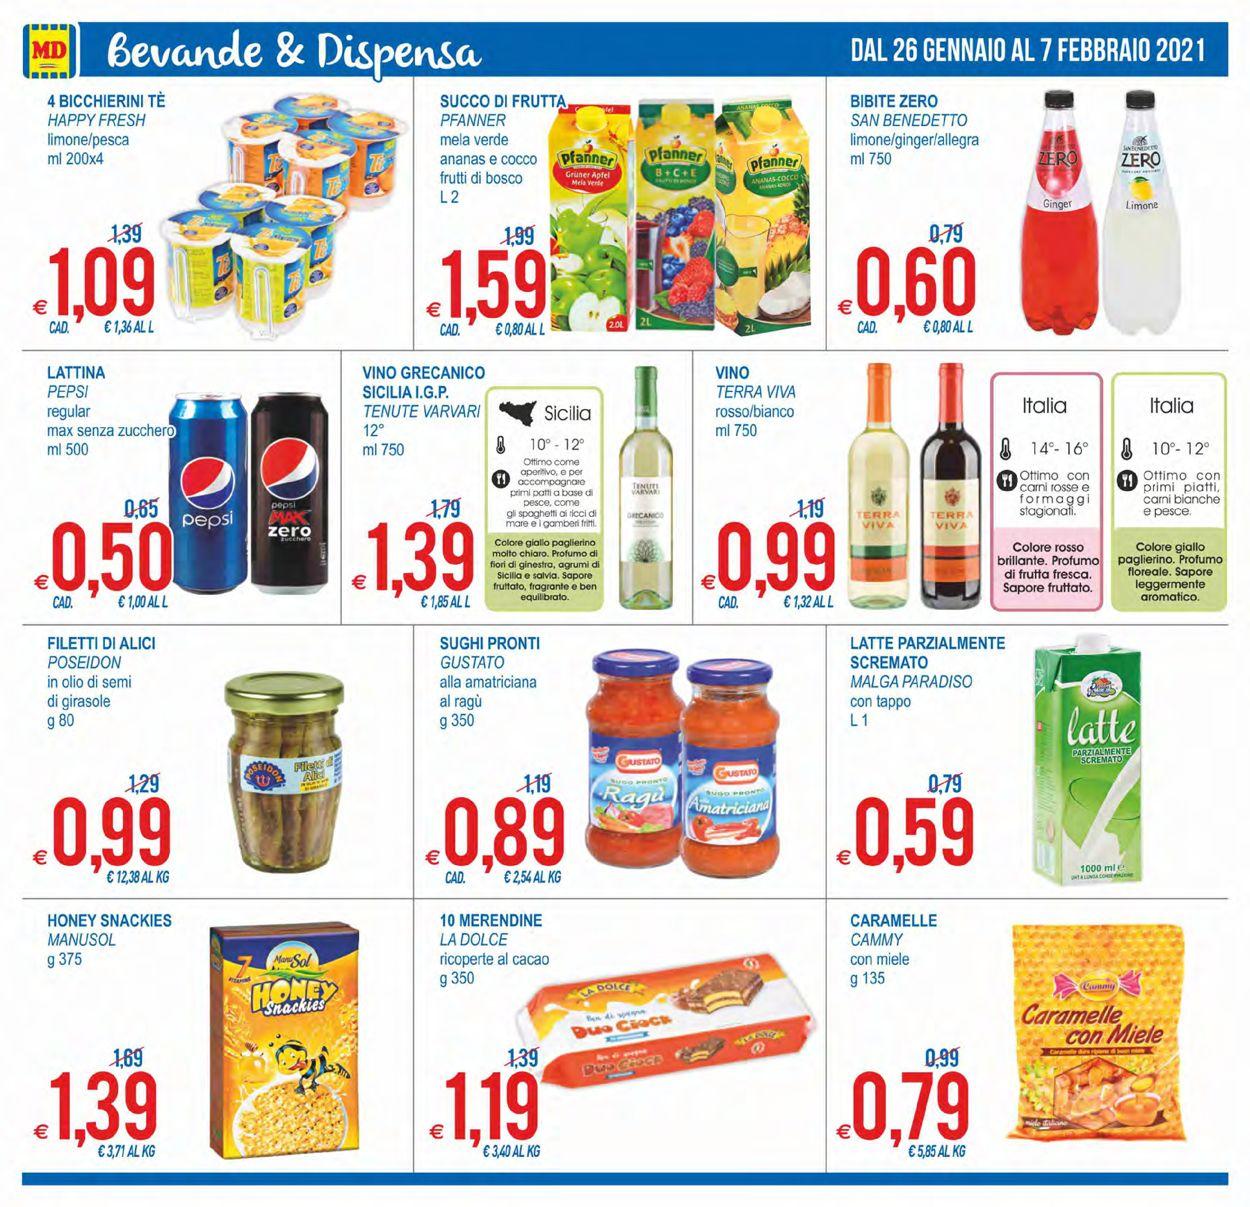 Volantino MD Discount - Offerte 26/01-07/02/2021 (Pagina 16)